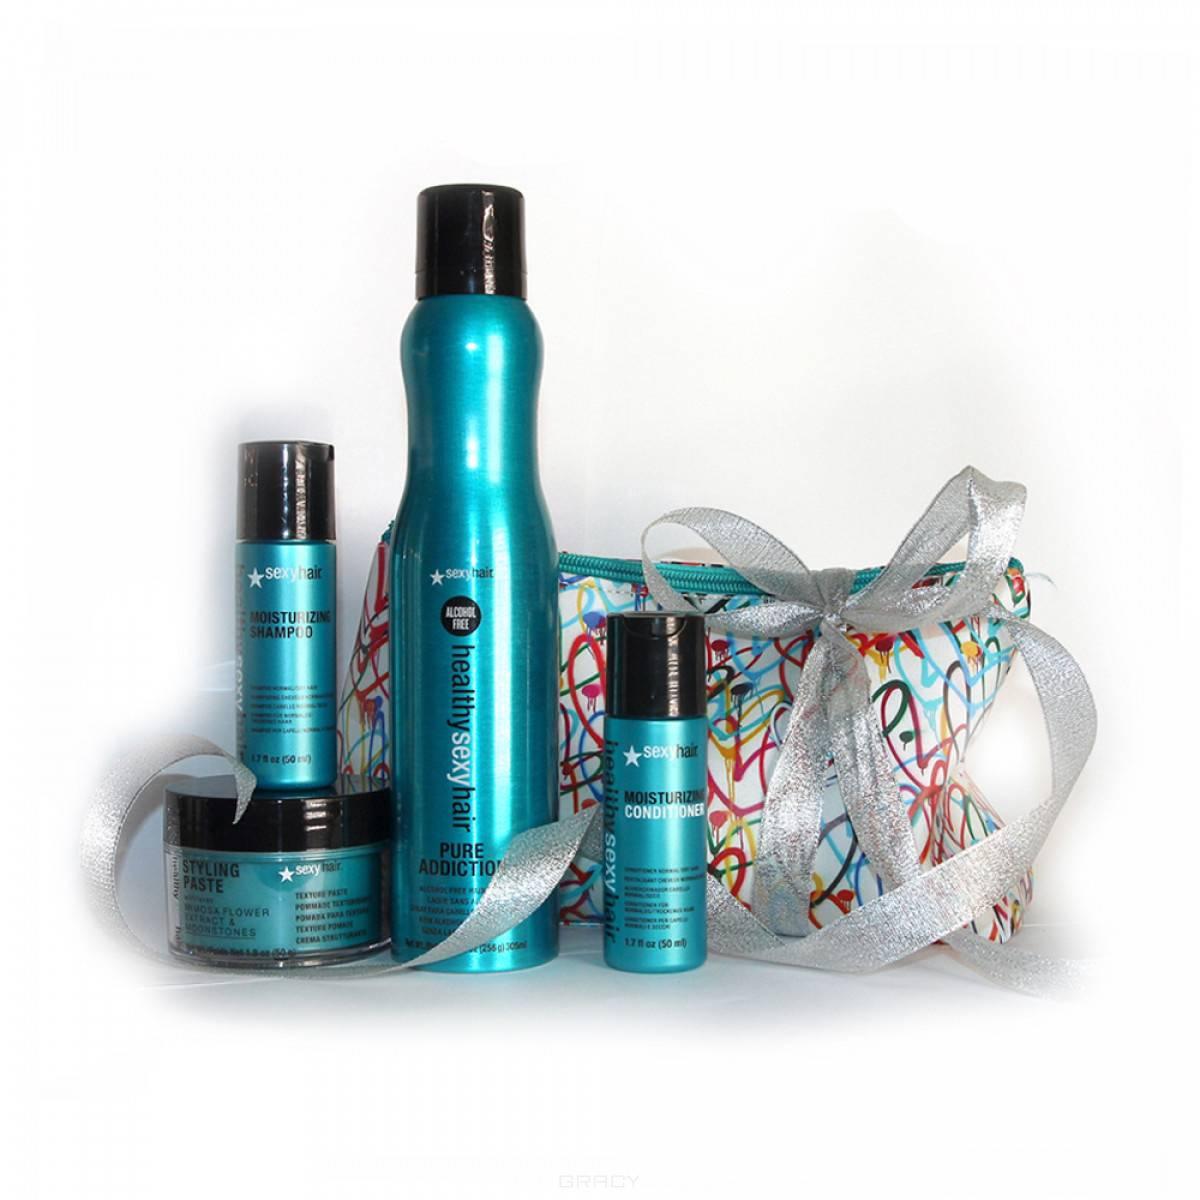 Купить Sexy Hair, Набор для ухода и создания укладки на коротких волосах Для ярких и дерзких, 3*50мл+305 мл